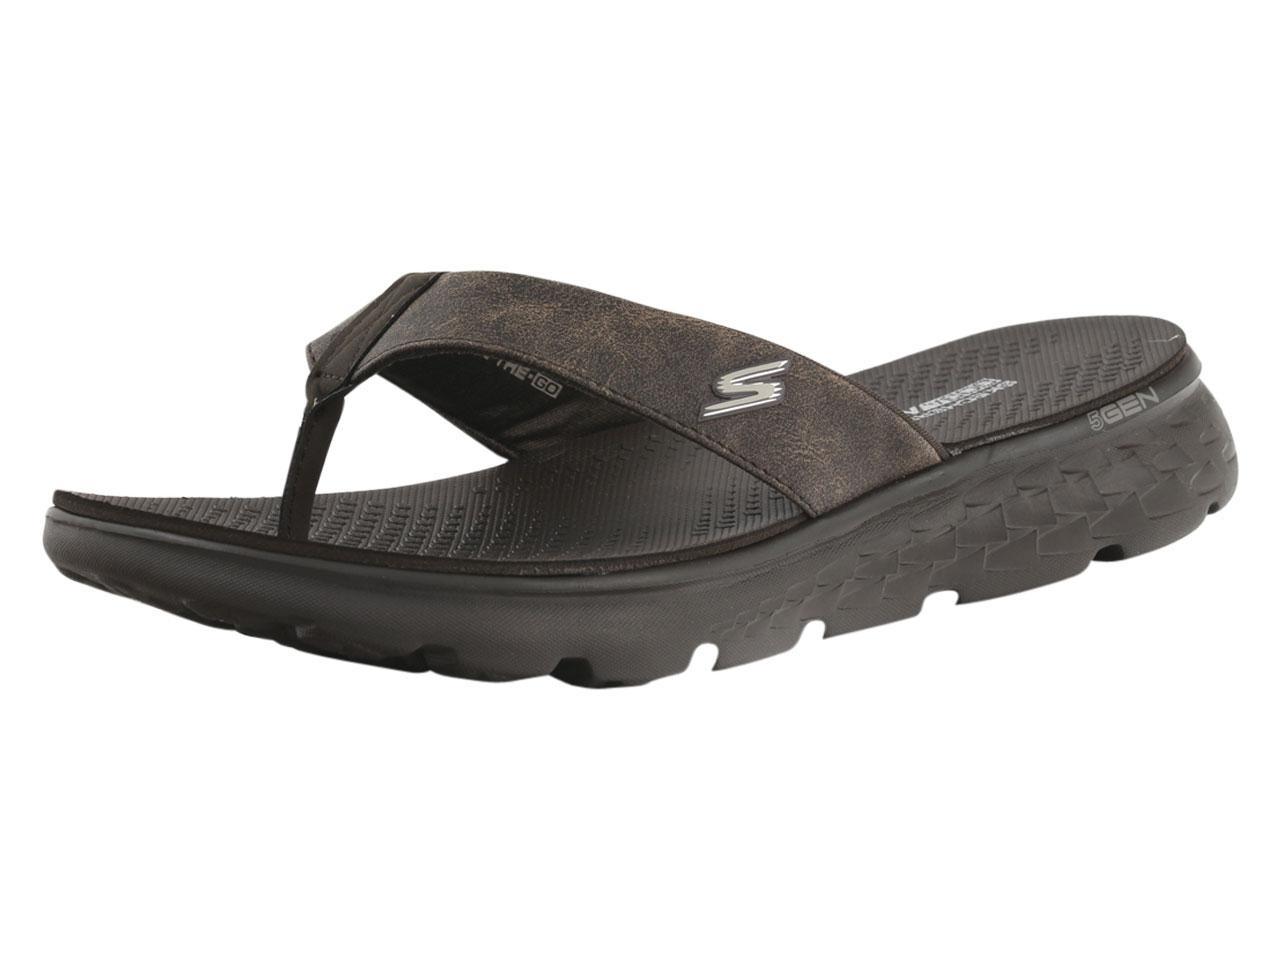 29b3e0eac9a0b4 Skechers Men s On-The-GO-400 Vista Flip Flops Sandals Shoes